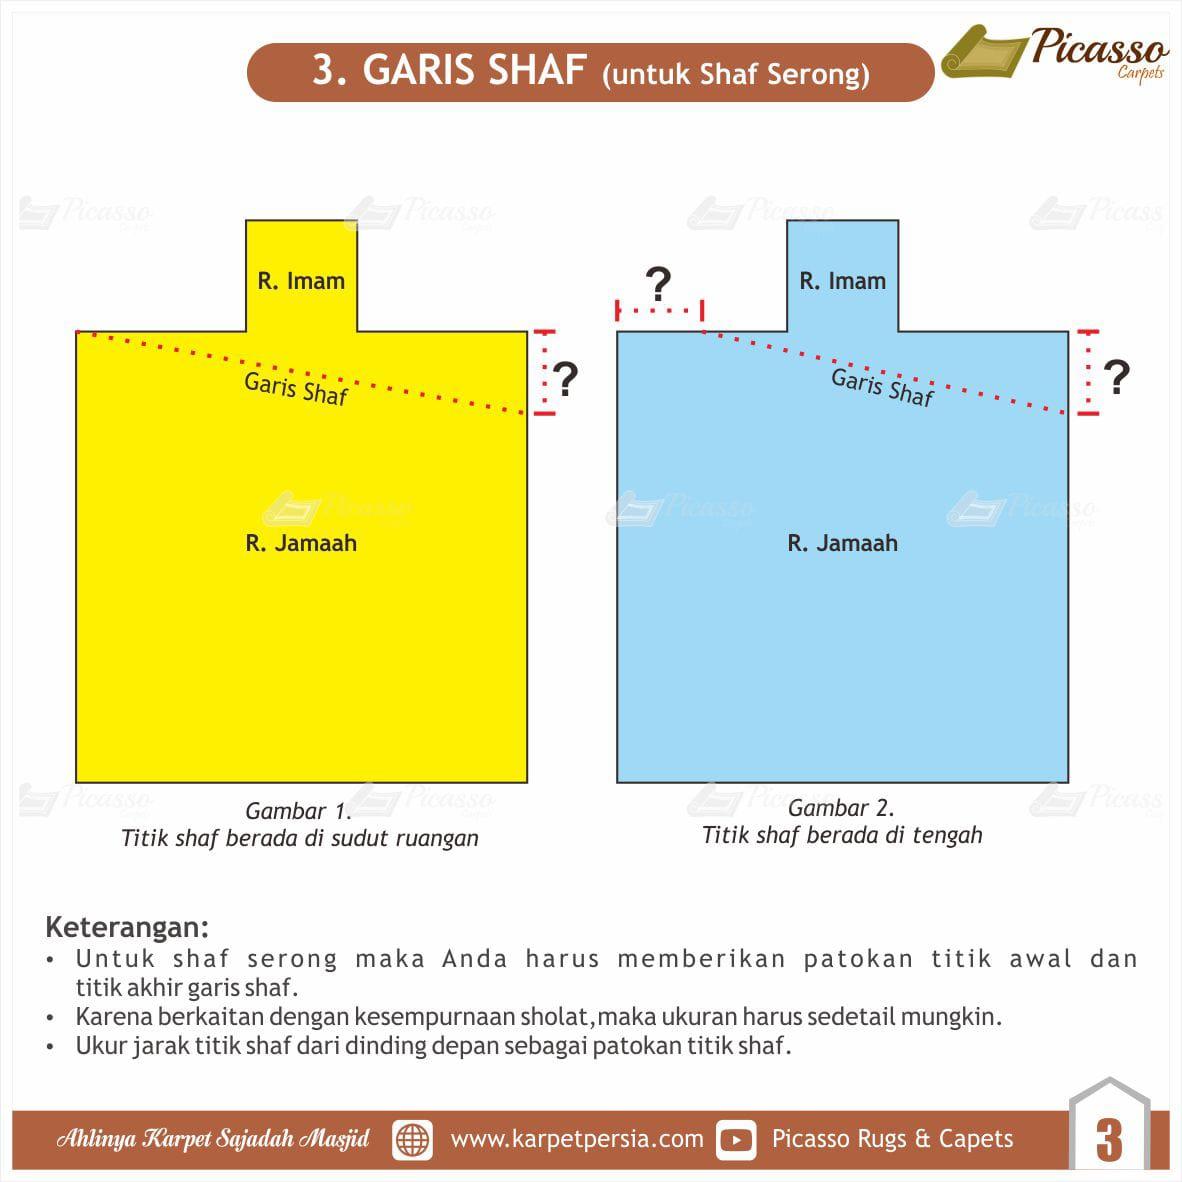 Tips Menggambar Layout Musholla Rumah Agar Karpet Sajadah Terpasang Rapi (3)